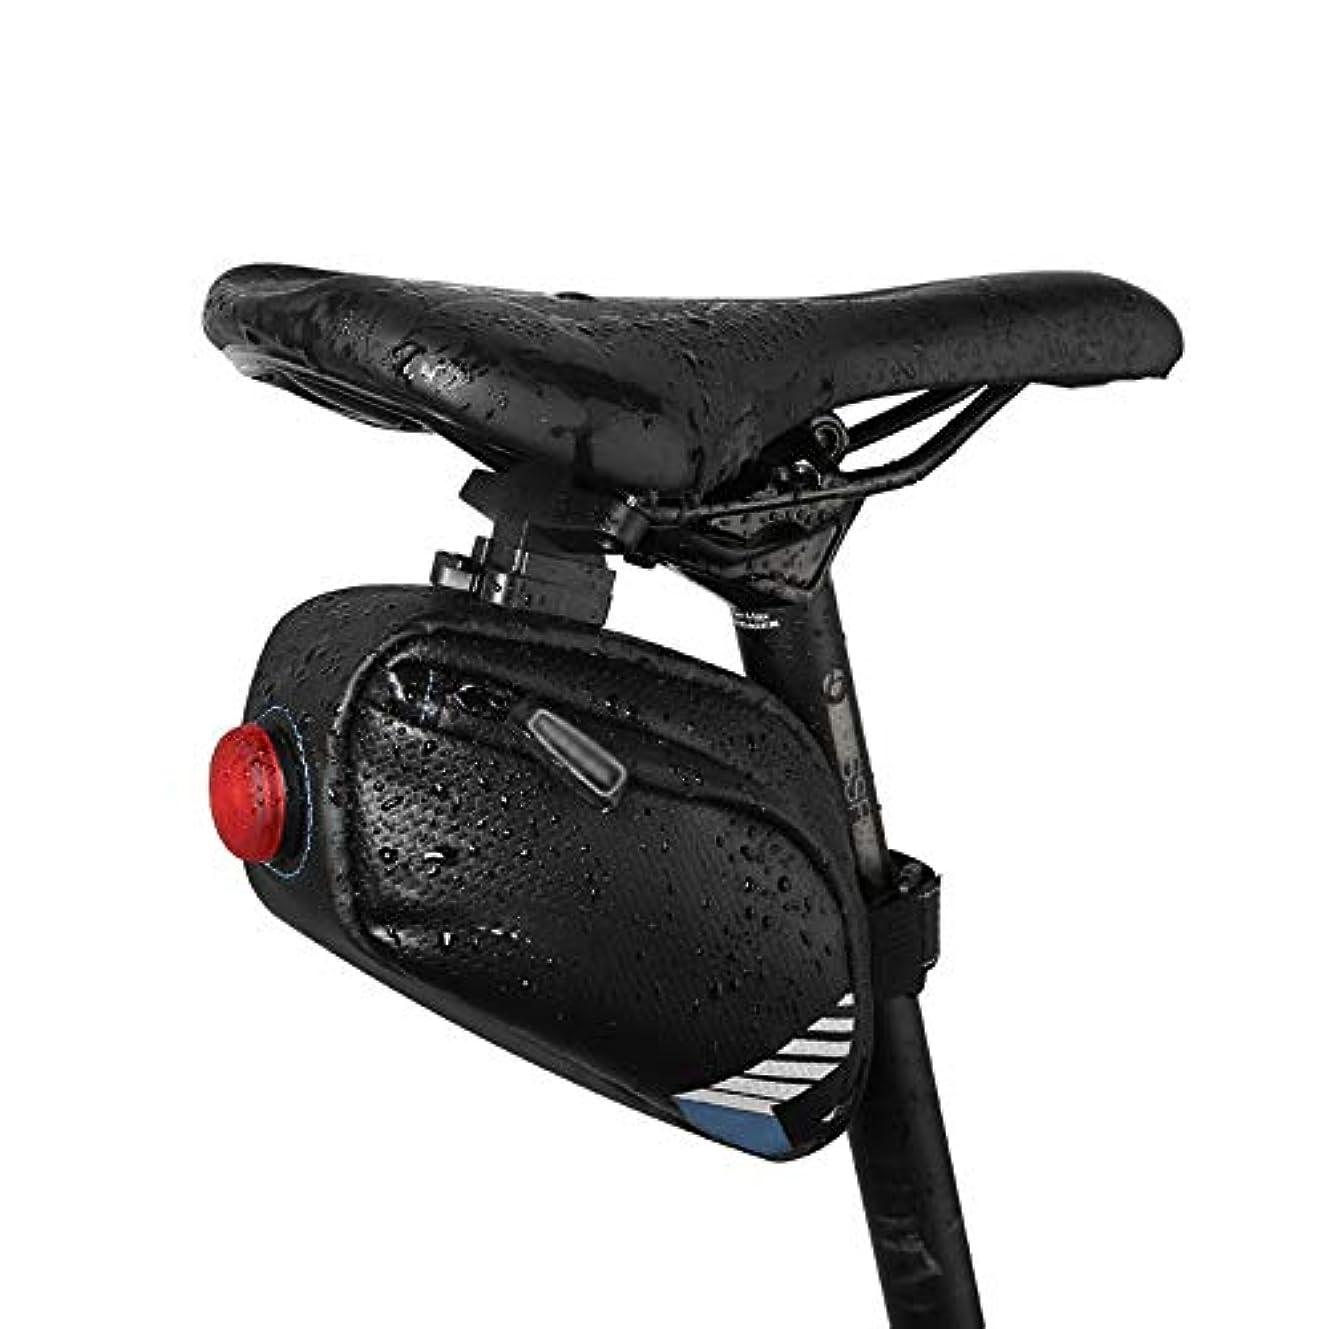 聖域郵便局ハシー自転車サドルバッグ アウトドアサイクリング用2色テールライトフック付きマウンテンバイクシートパックバッグ スポーツ自転車自転車収納バッグ (Color : Blue 1, Size : 18.5*5*10.5cm)